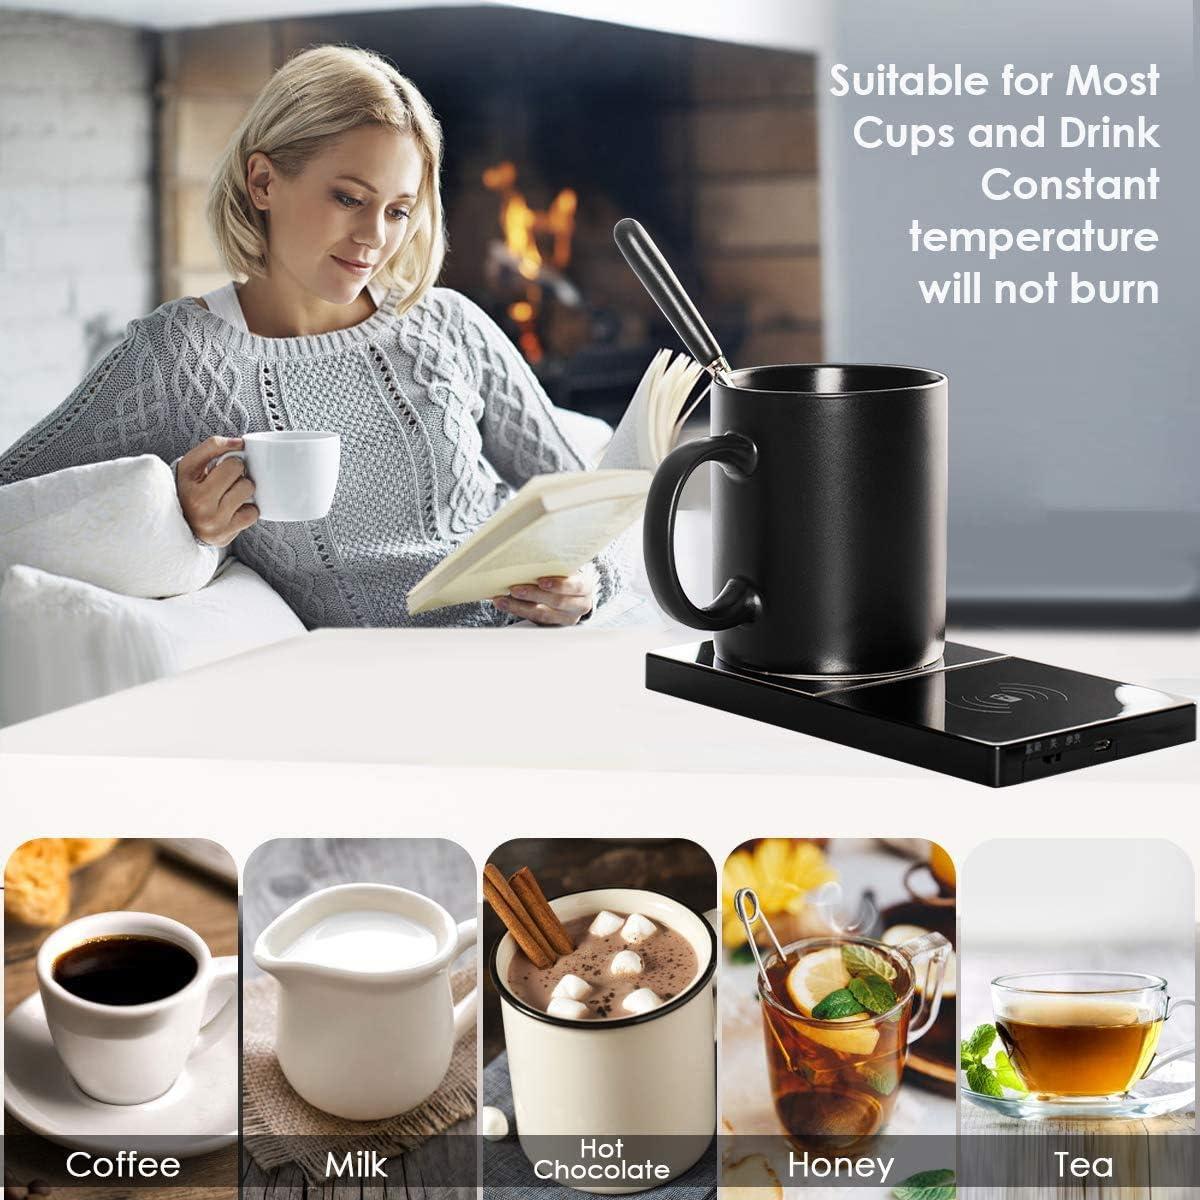 Calentador de Tazas 2 en 1 para el hogar//Oficina Temperatura Constante 131 ℉ // 55 ℃ Calentador de Tazas de caf/é SCOBUTY Calentador de caf/é Calentador el/éctrico de Bebidas